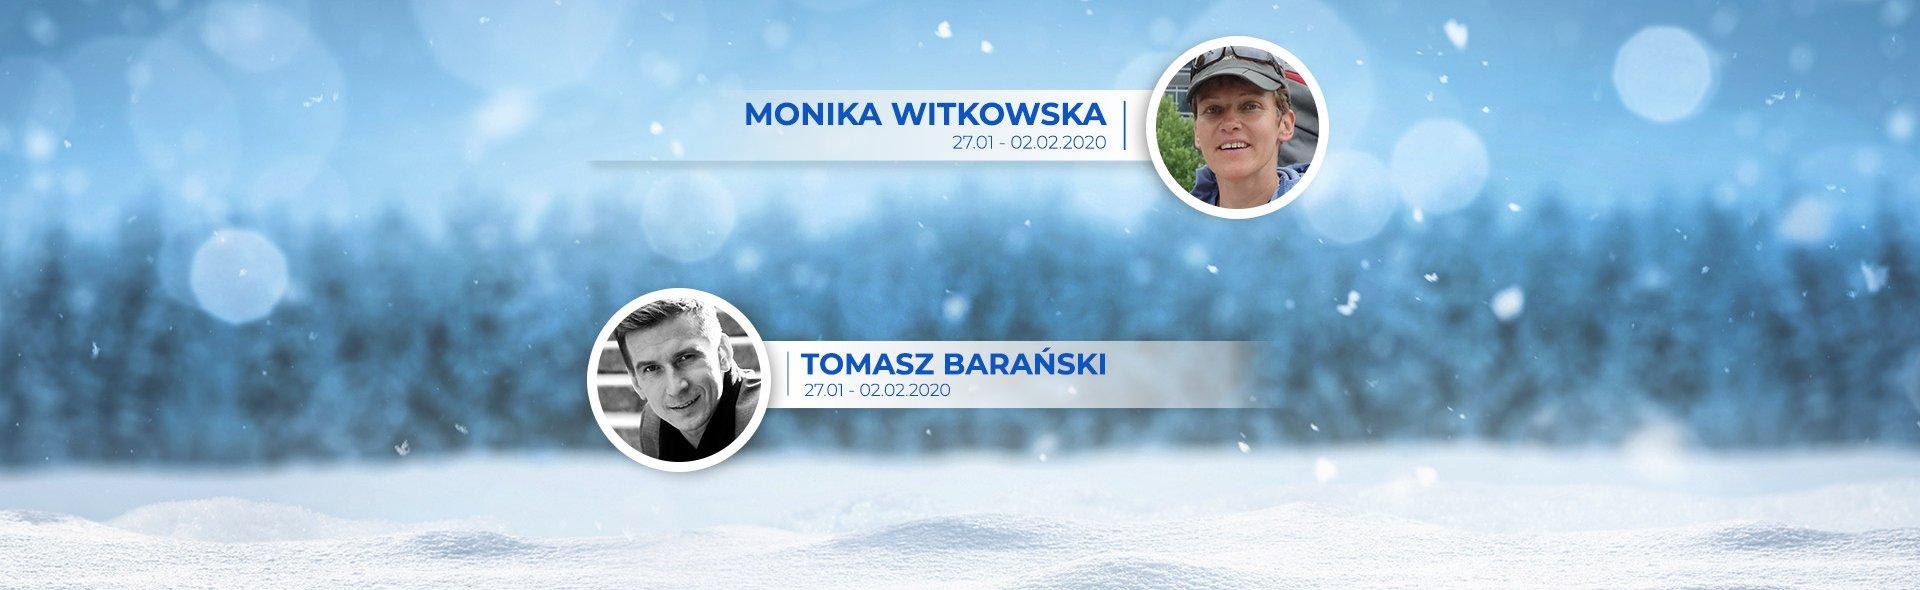 FERIE ODKRYWCÓW - III tydzień (27.01-02.02.2020) z Moniką Witkowską i Tomaszem Barańskim